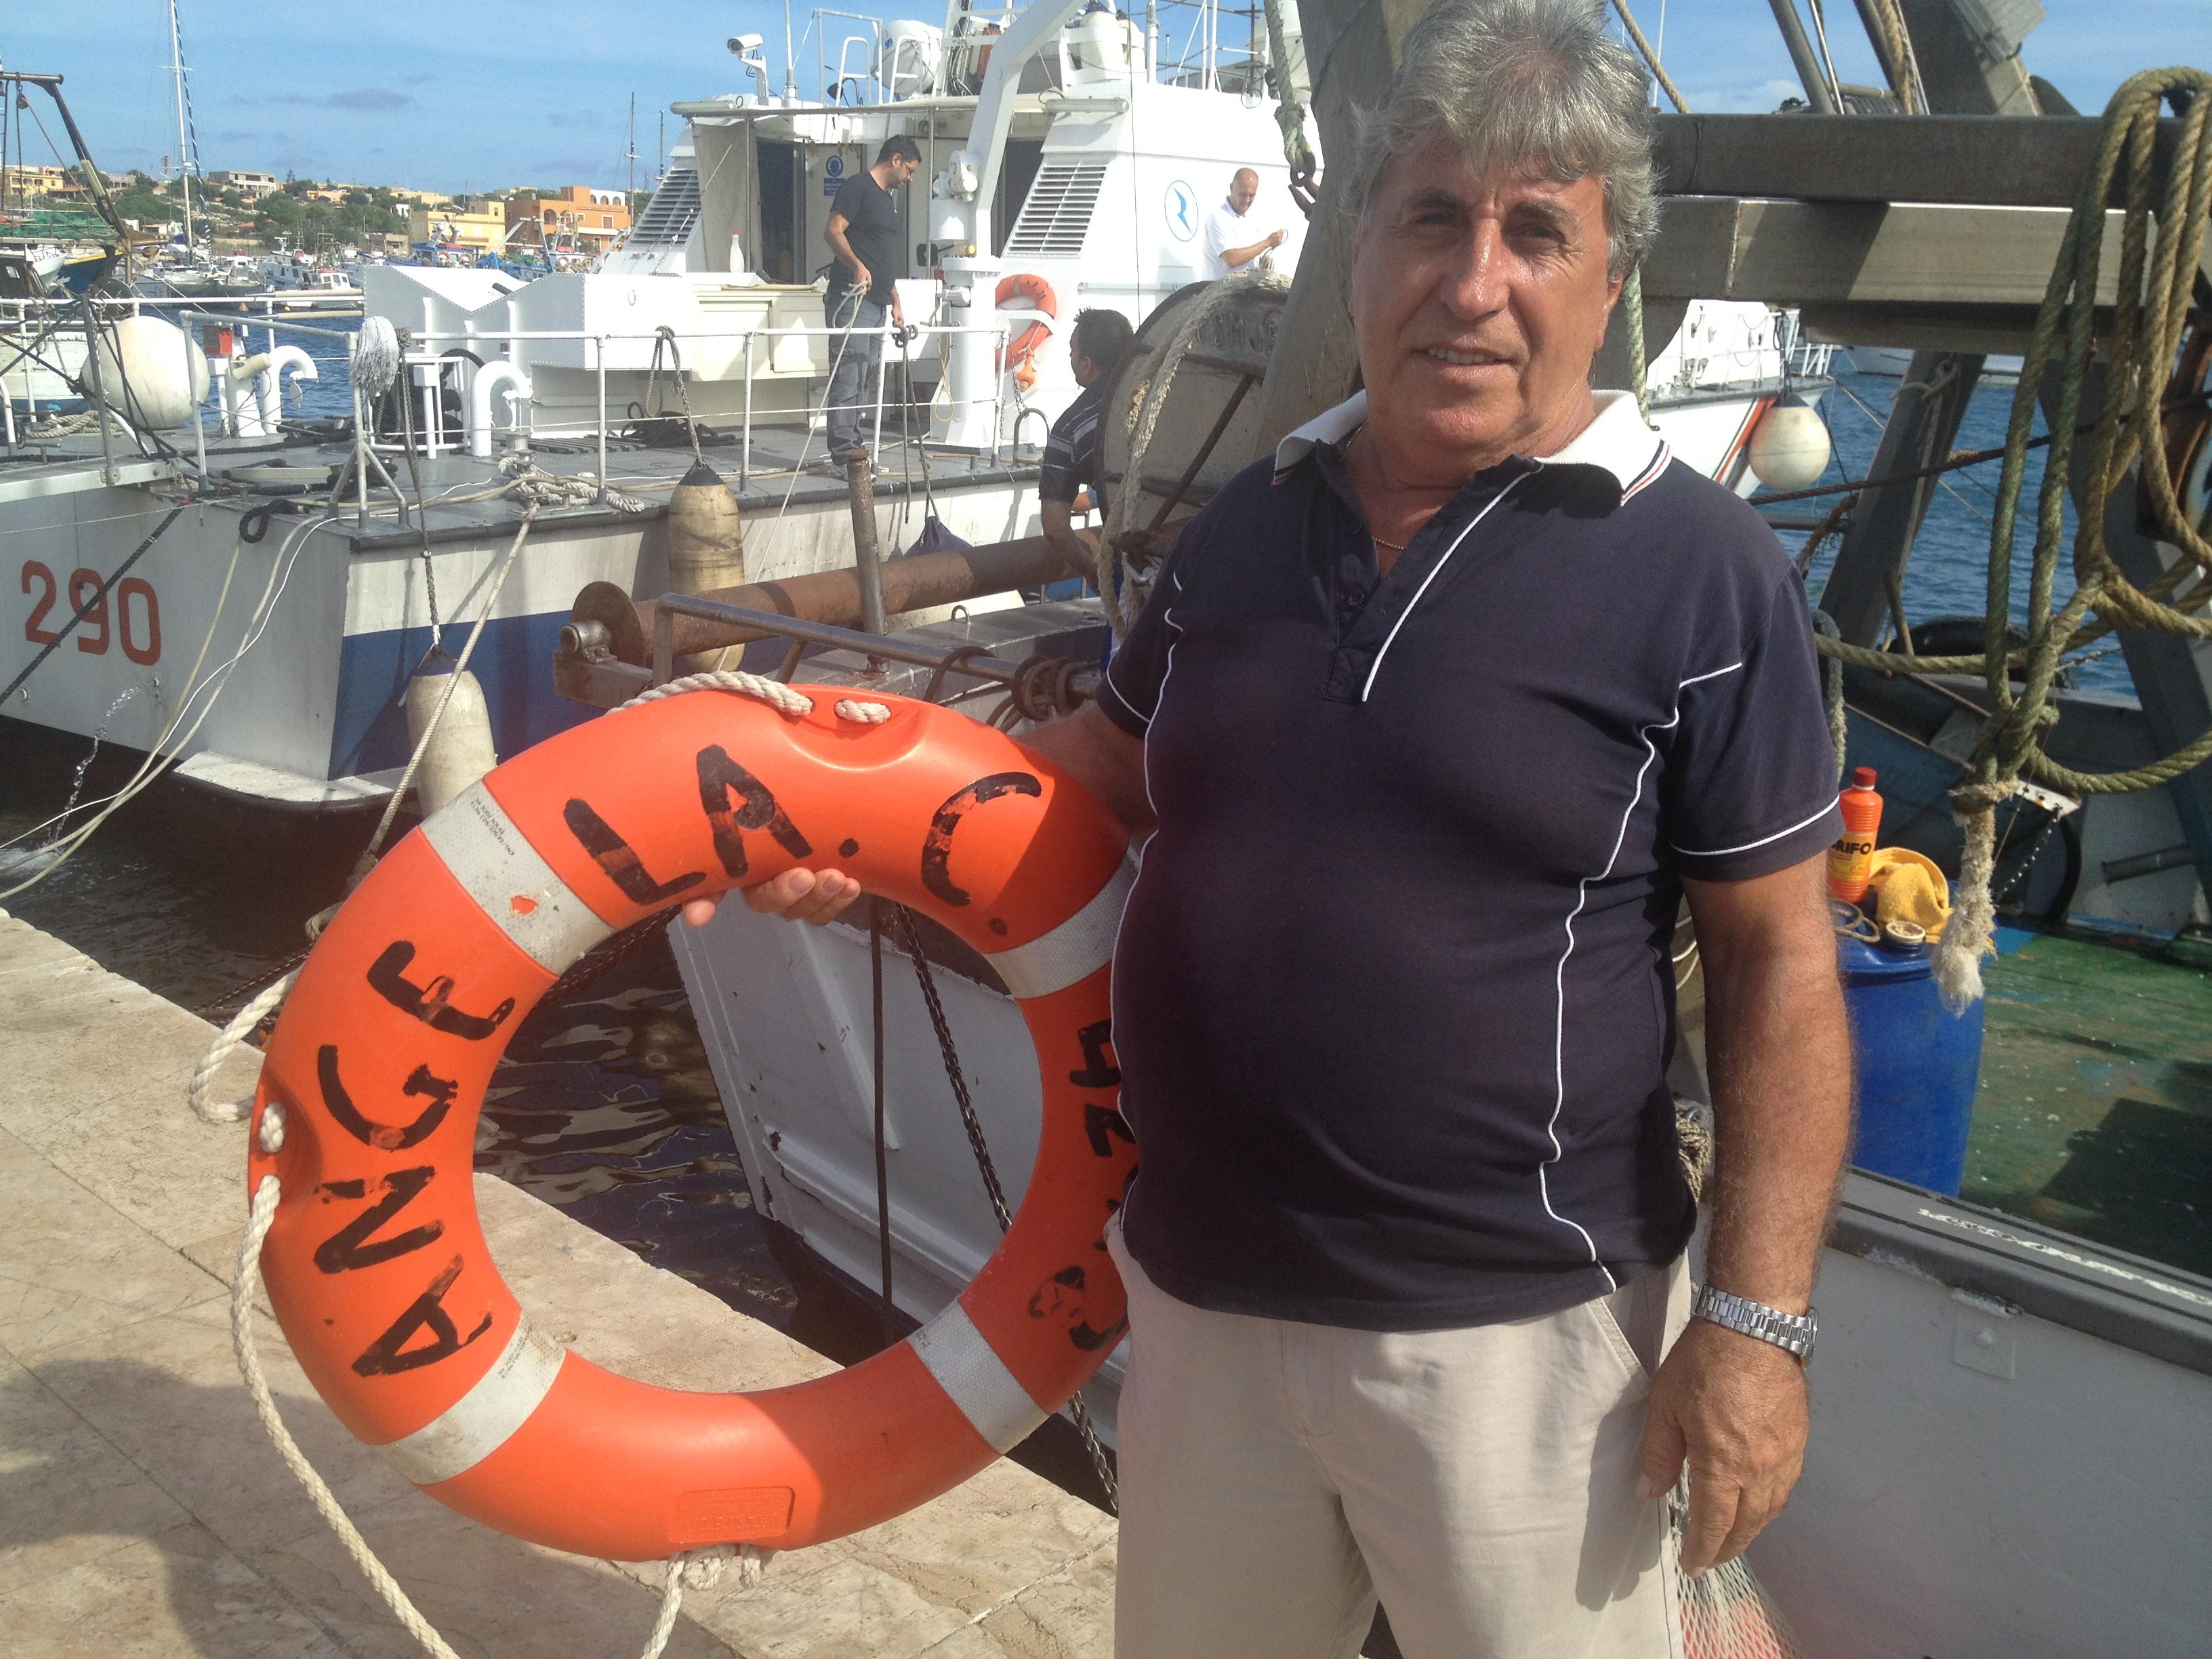 Raffaele Colapinto, pêcheur. Il commandait le deuxième bateau arrivé sur le lieu du naufrage. Il a sauvé 18 réfugiés. Ici, avec l'un des deux gilets de sauvetage de son bateau de pêche Angela ayant servi le jour du naufrage. Le 20 octobre 2013. Photo : François Dufour